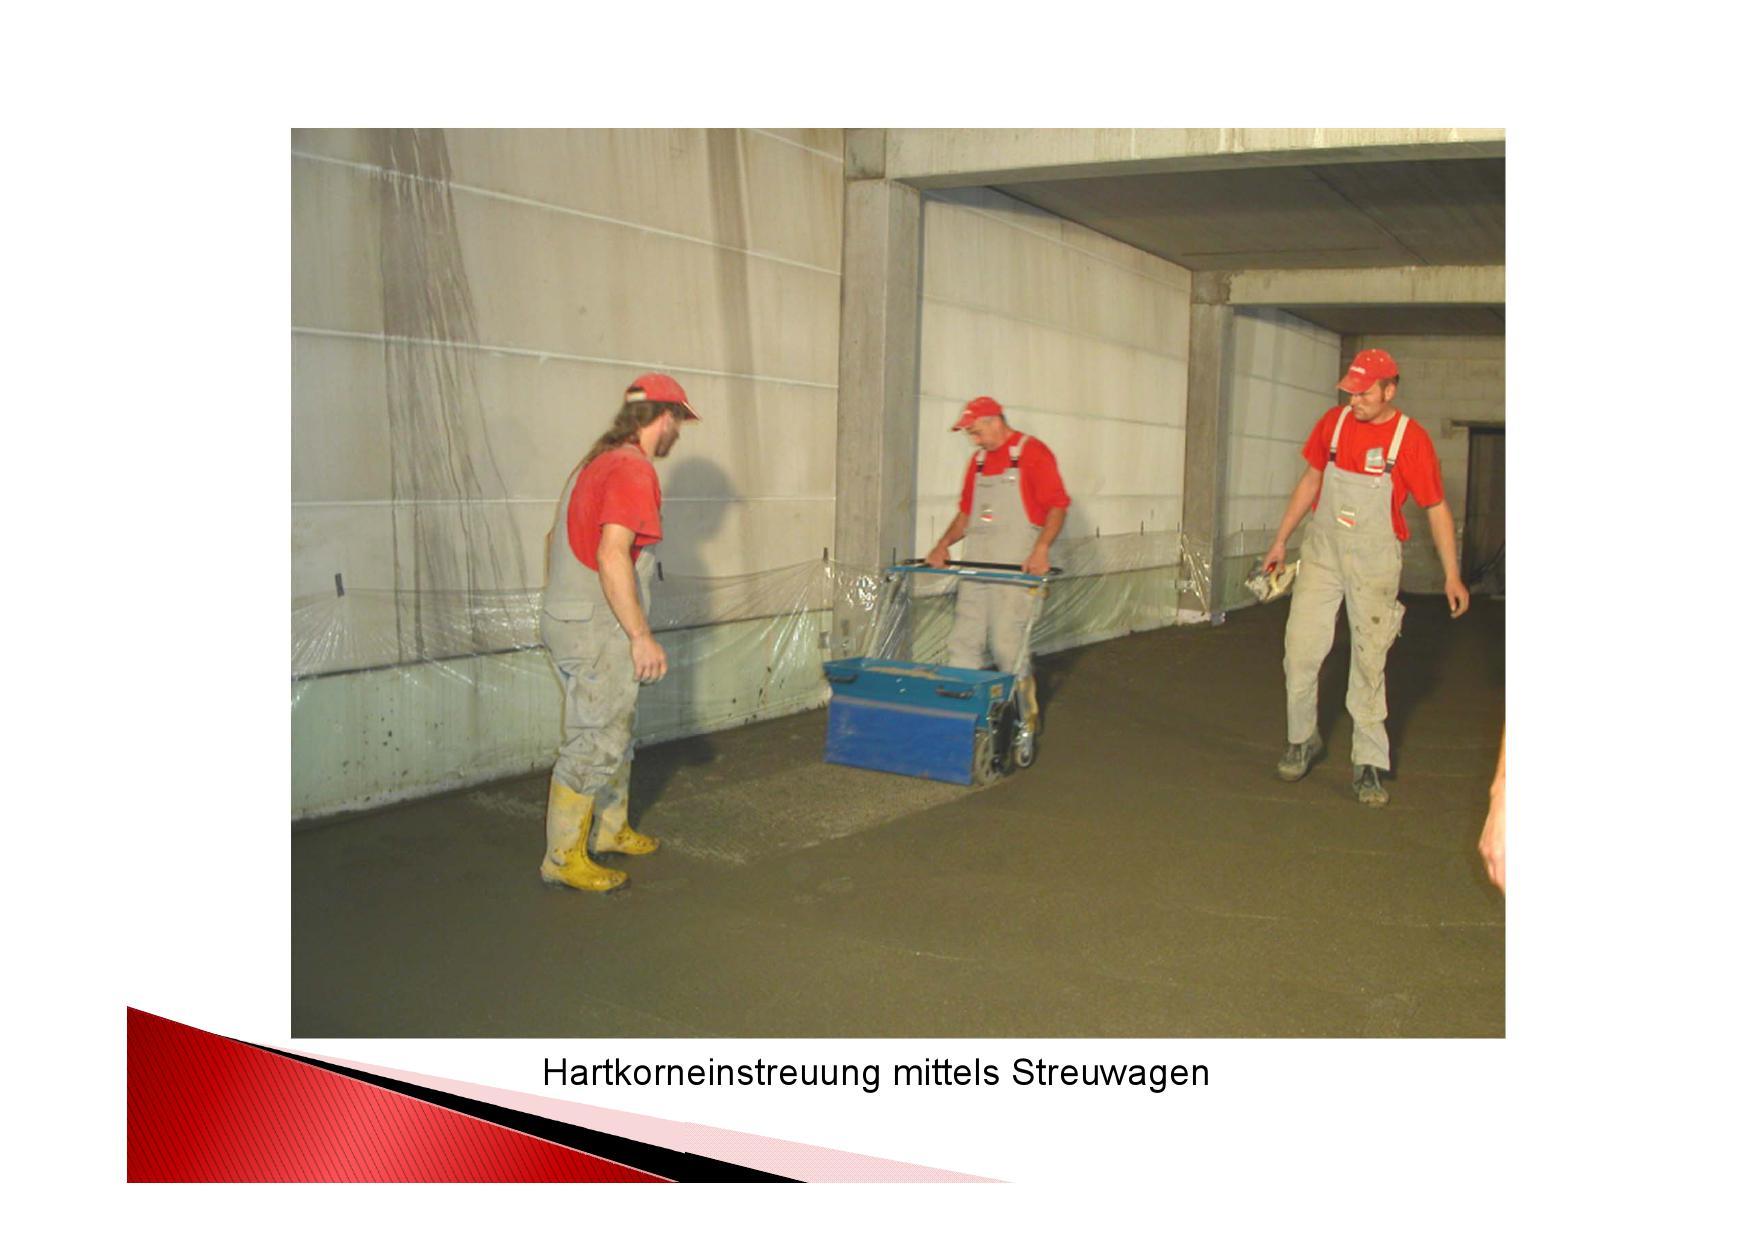 Arbeitsgang: Hartkorneinstreuung  mittesl Streuwagens